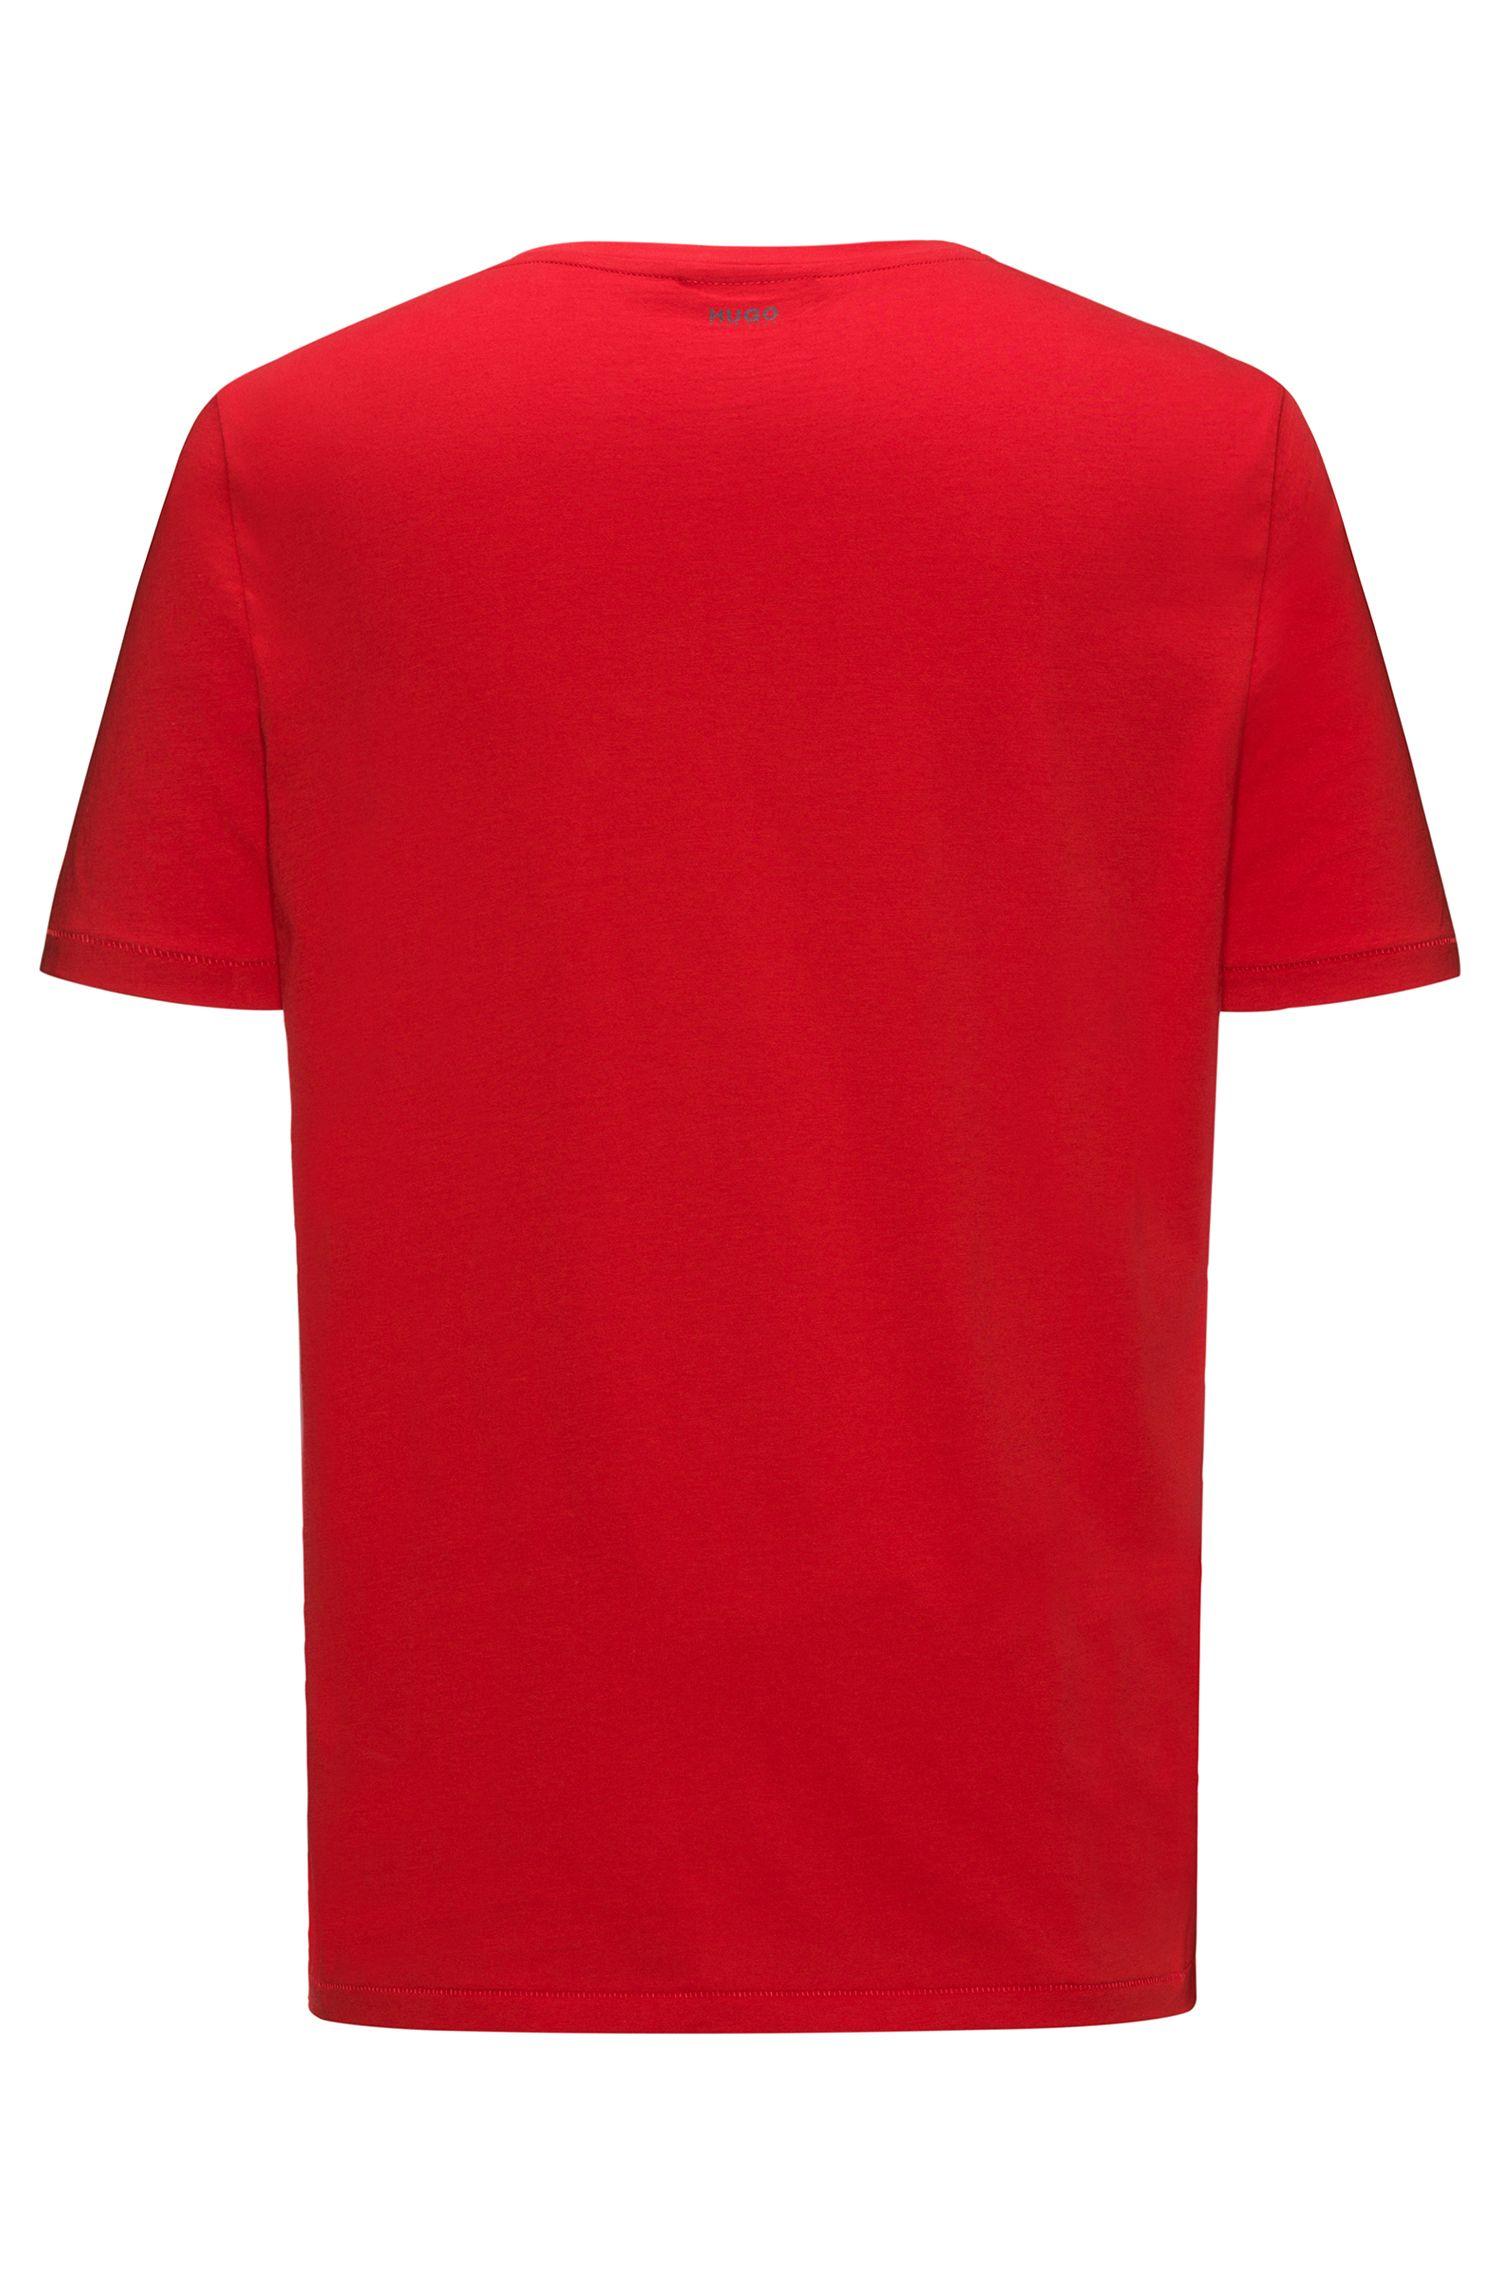 T-shirt in cotone con stampa gommata con epigramma